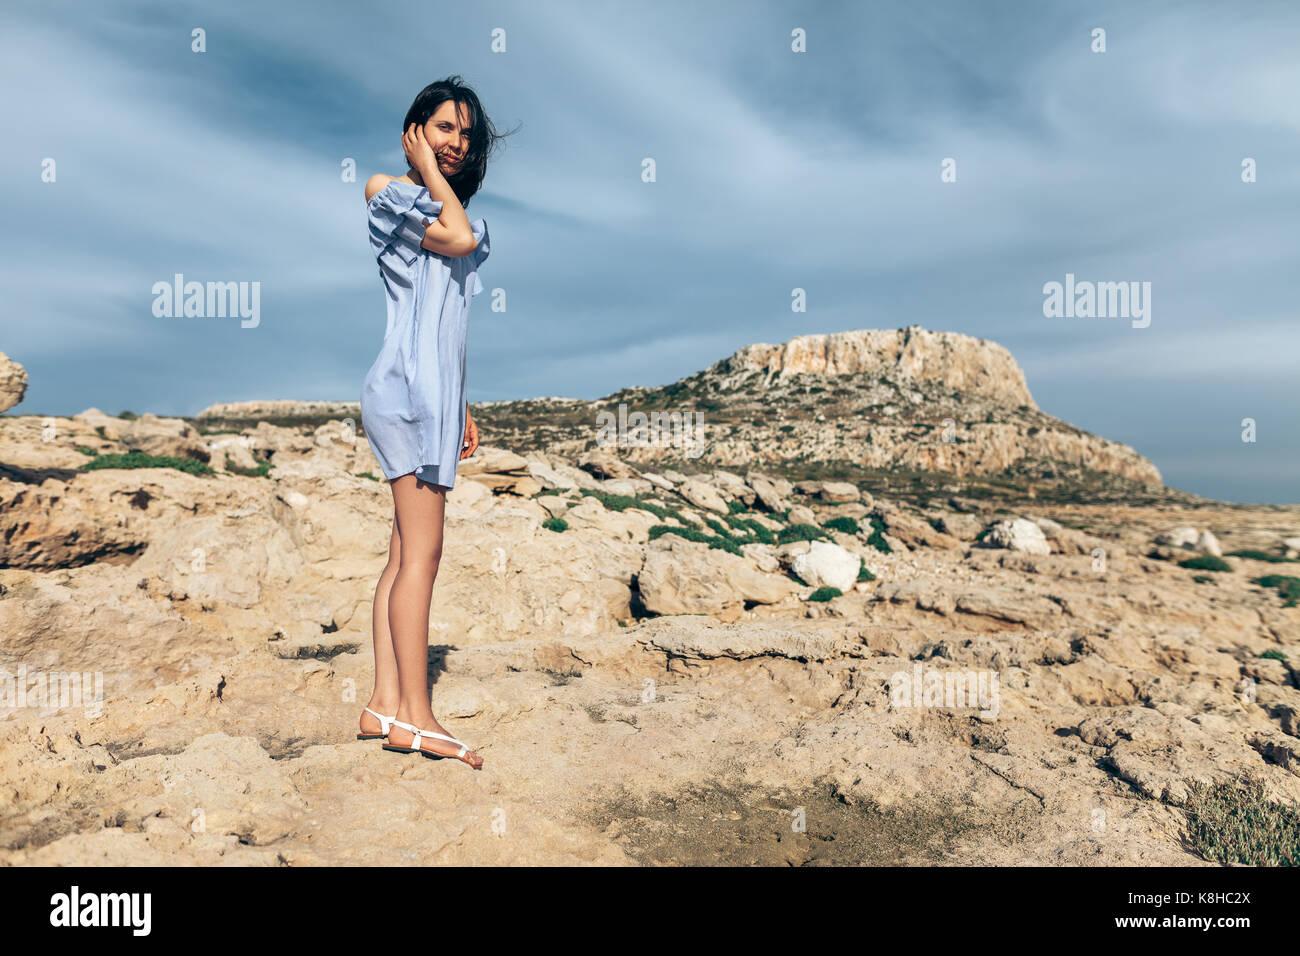 Belle femme debout sur désert rocheux avec ciel dramatique. Fashion Photo Stock